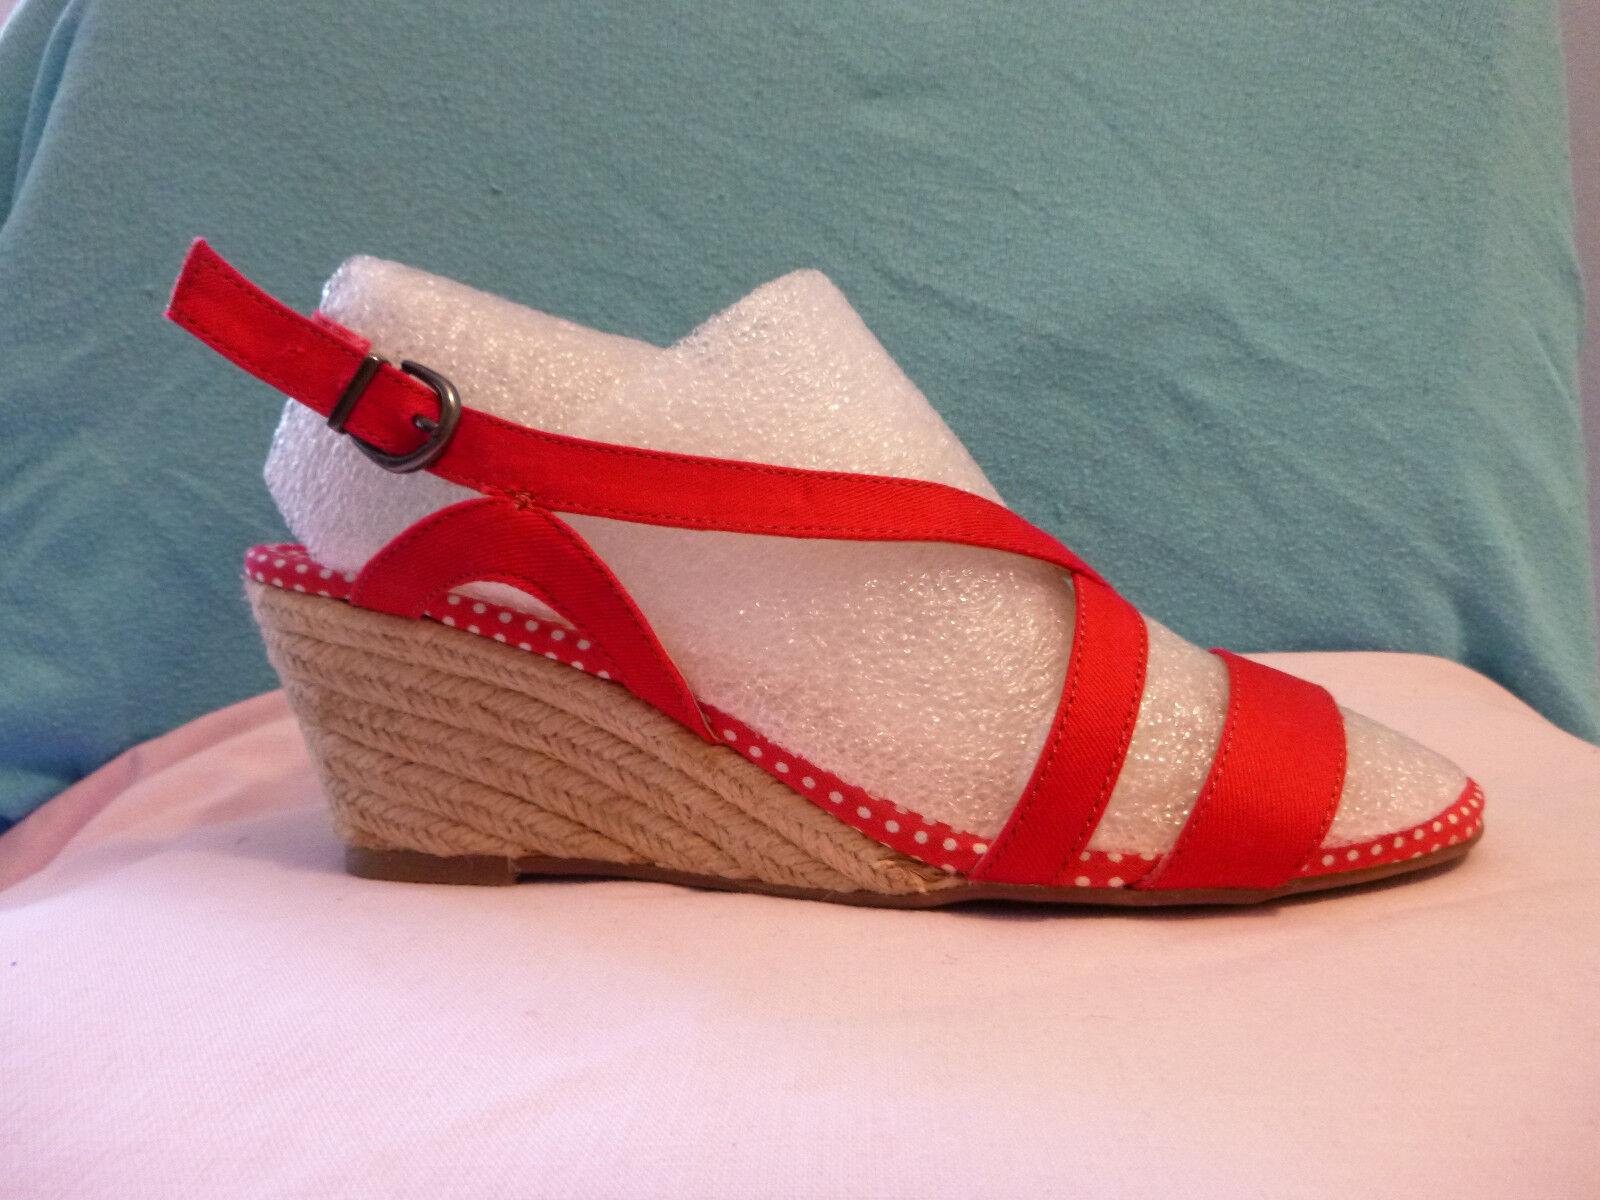 Novedad  Görtz zapatos-roja decorado textil 38 ancho-g abs-6, 5